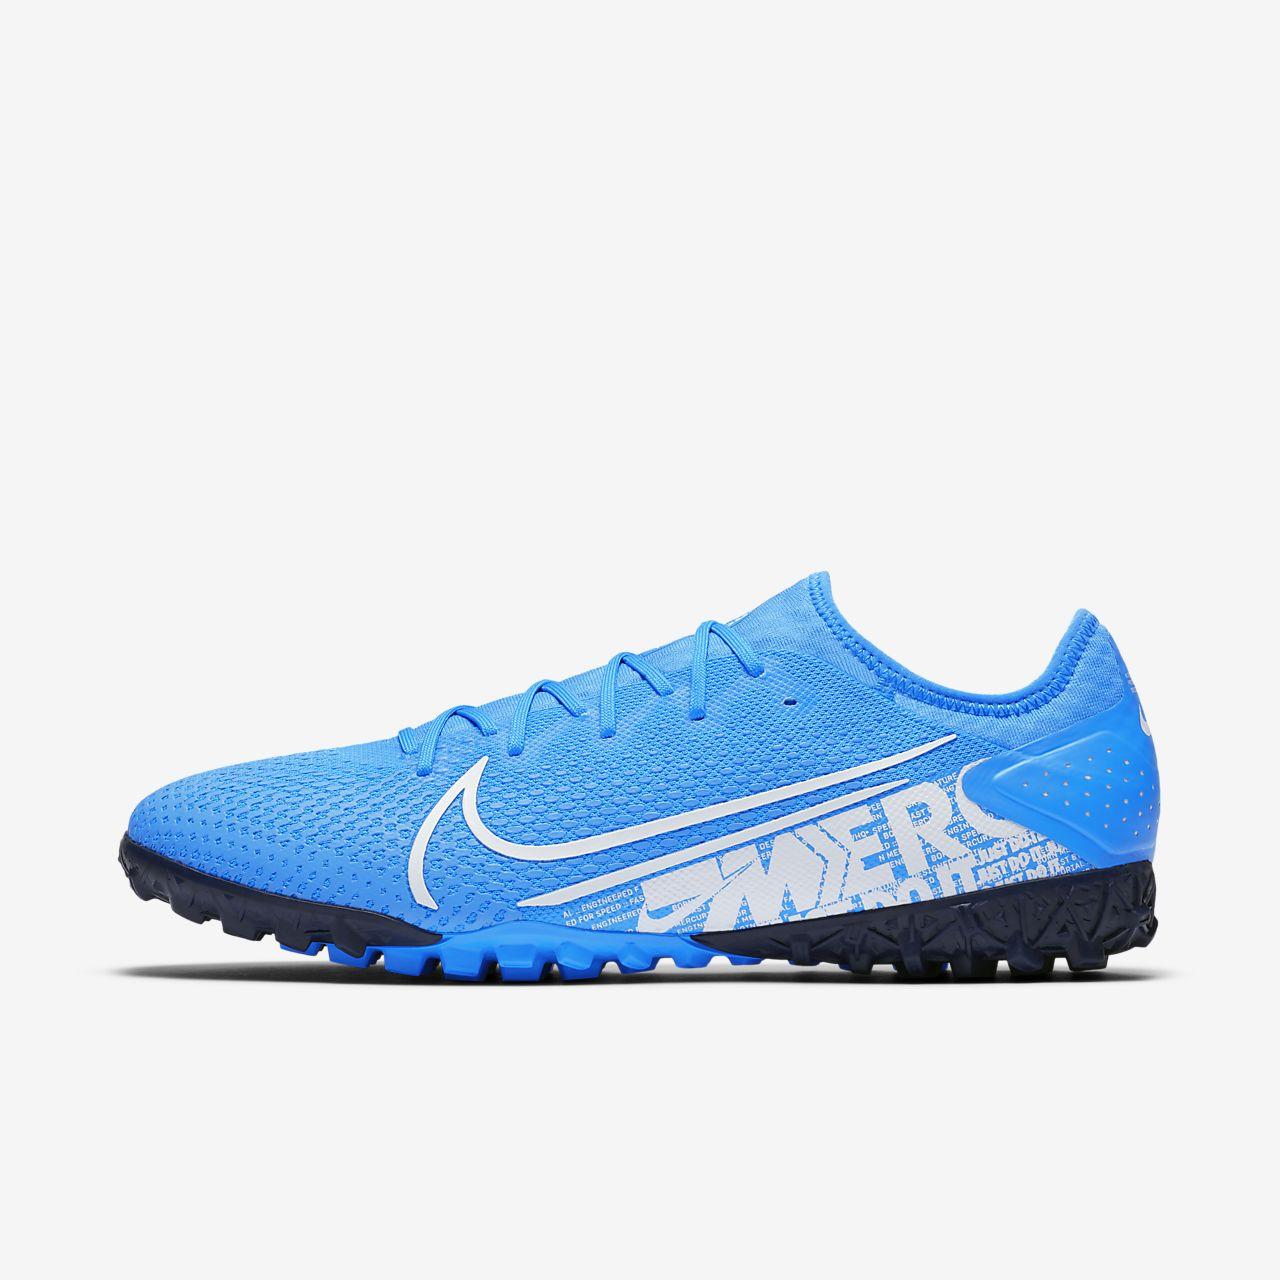 Chaussure de football pour surface synthétique Nike Mercurial Vapor 13 Pro TF